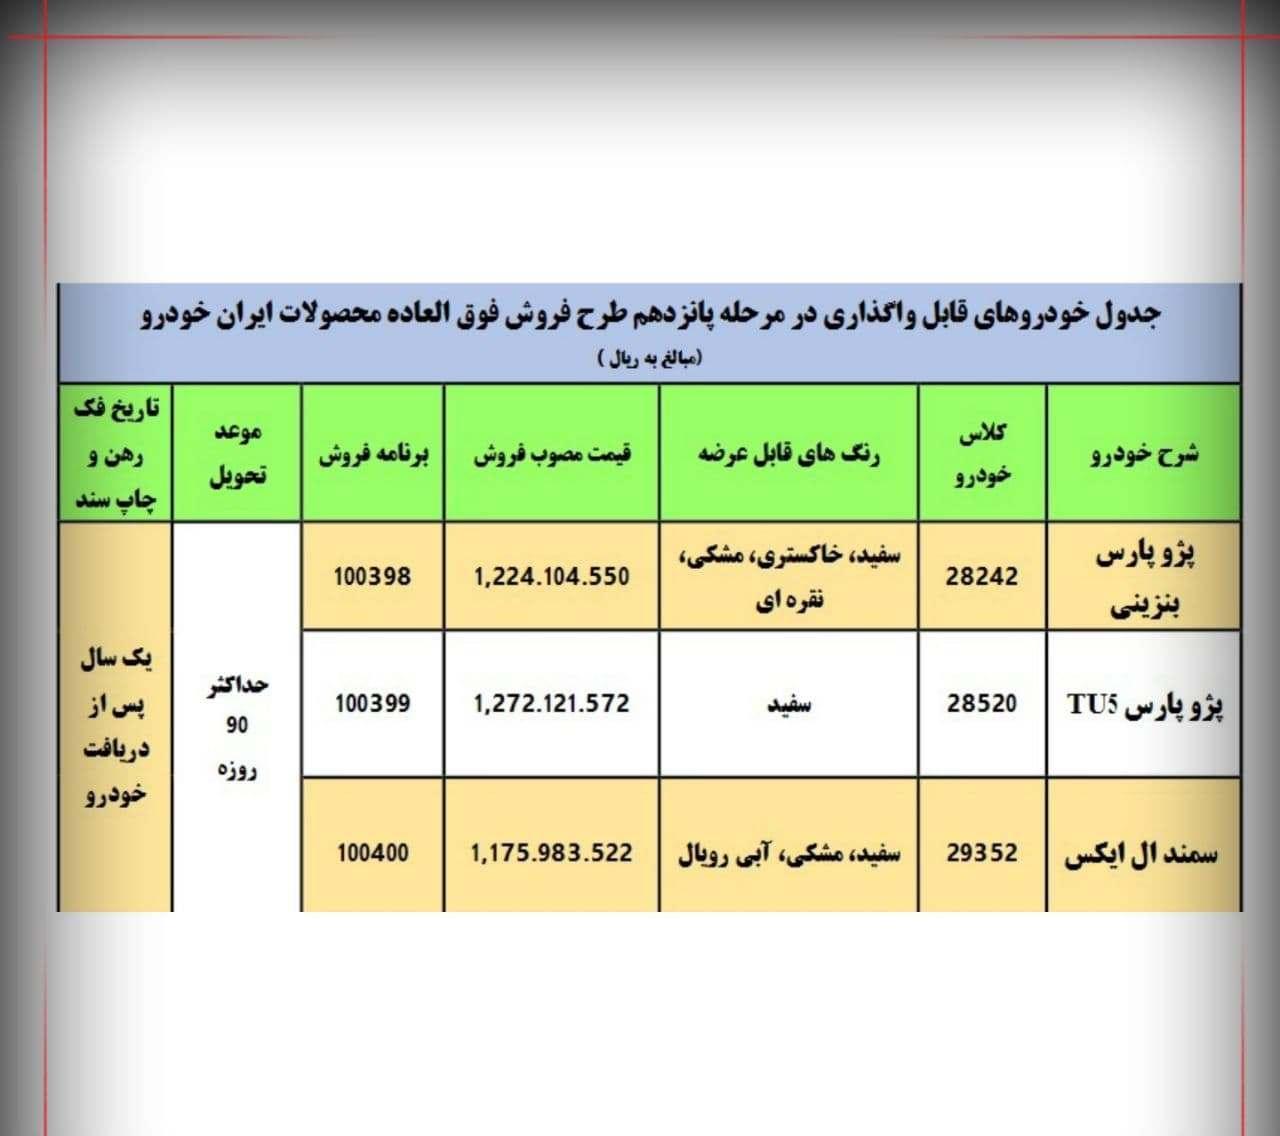 نخستین فروش فوری ایران خودرو در 1400